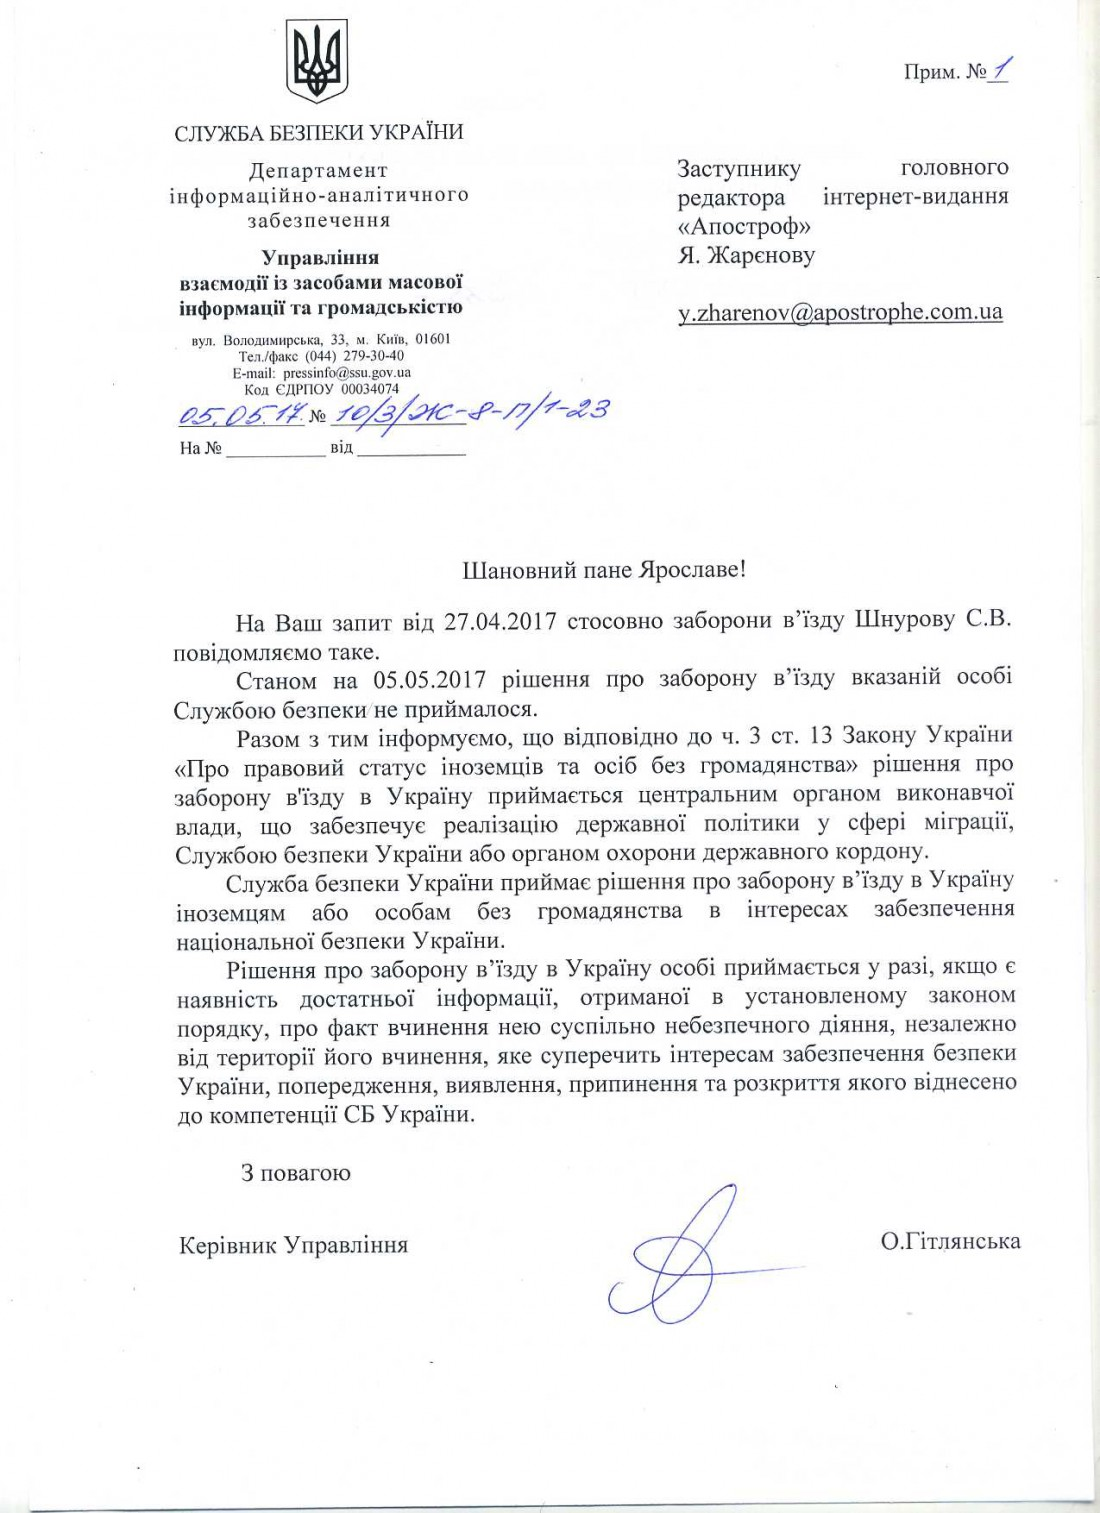 СБУ не вносила Шнурова в